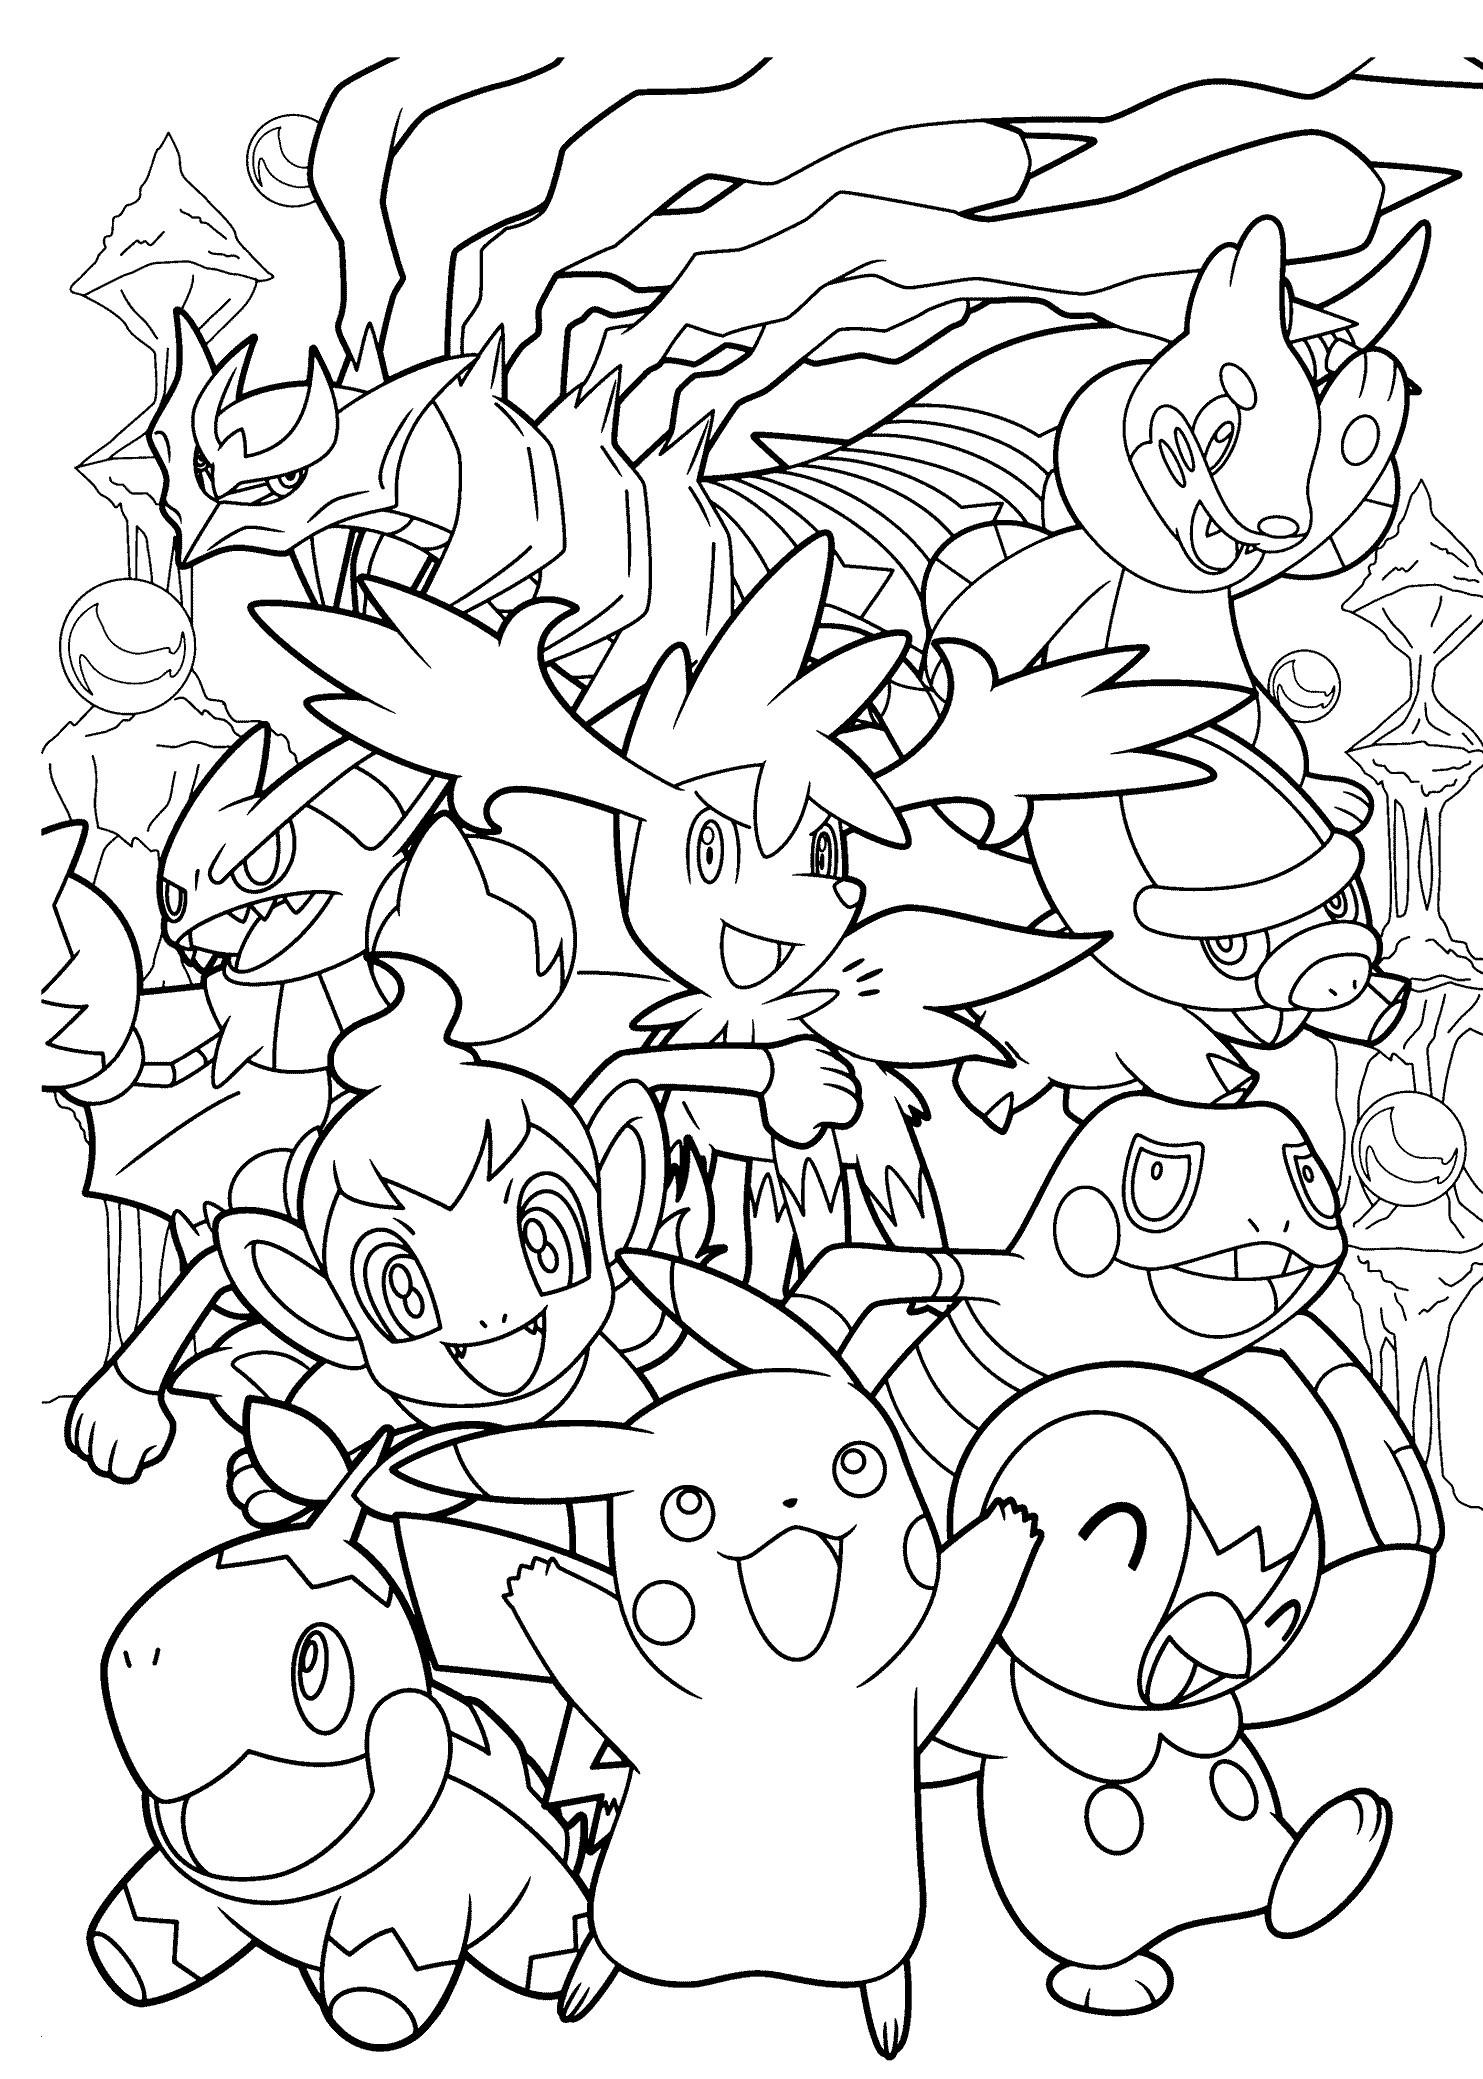 Ausmalbilder Ninjago Schlangen Neu All Pokemon Anime Coloring Pages for Kids Printable Free Fotografieren